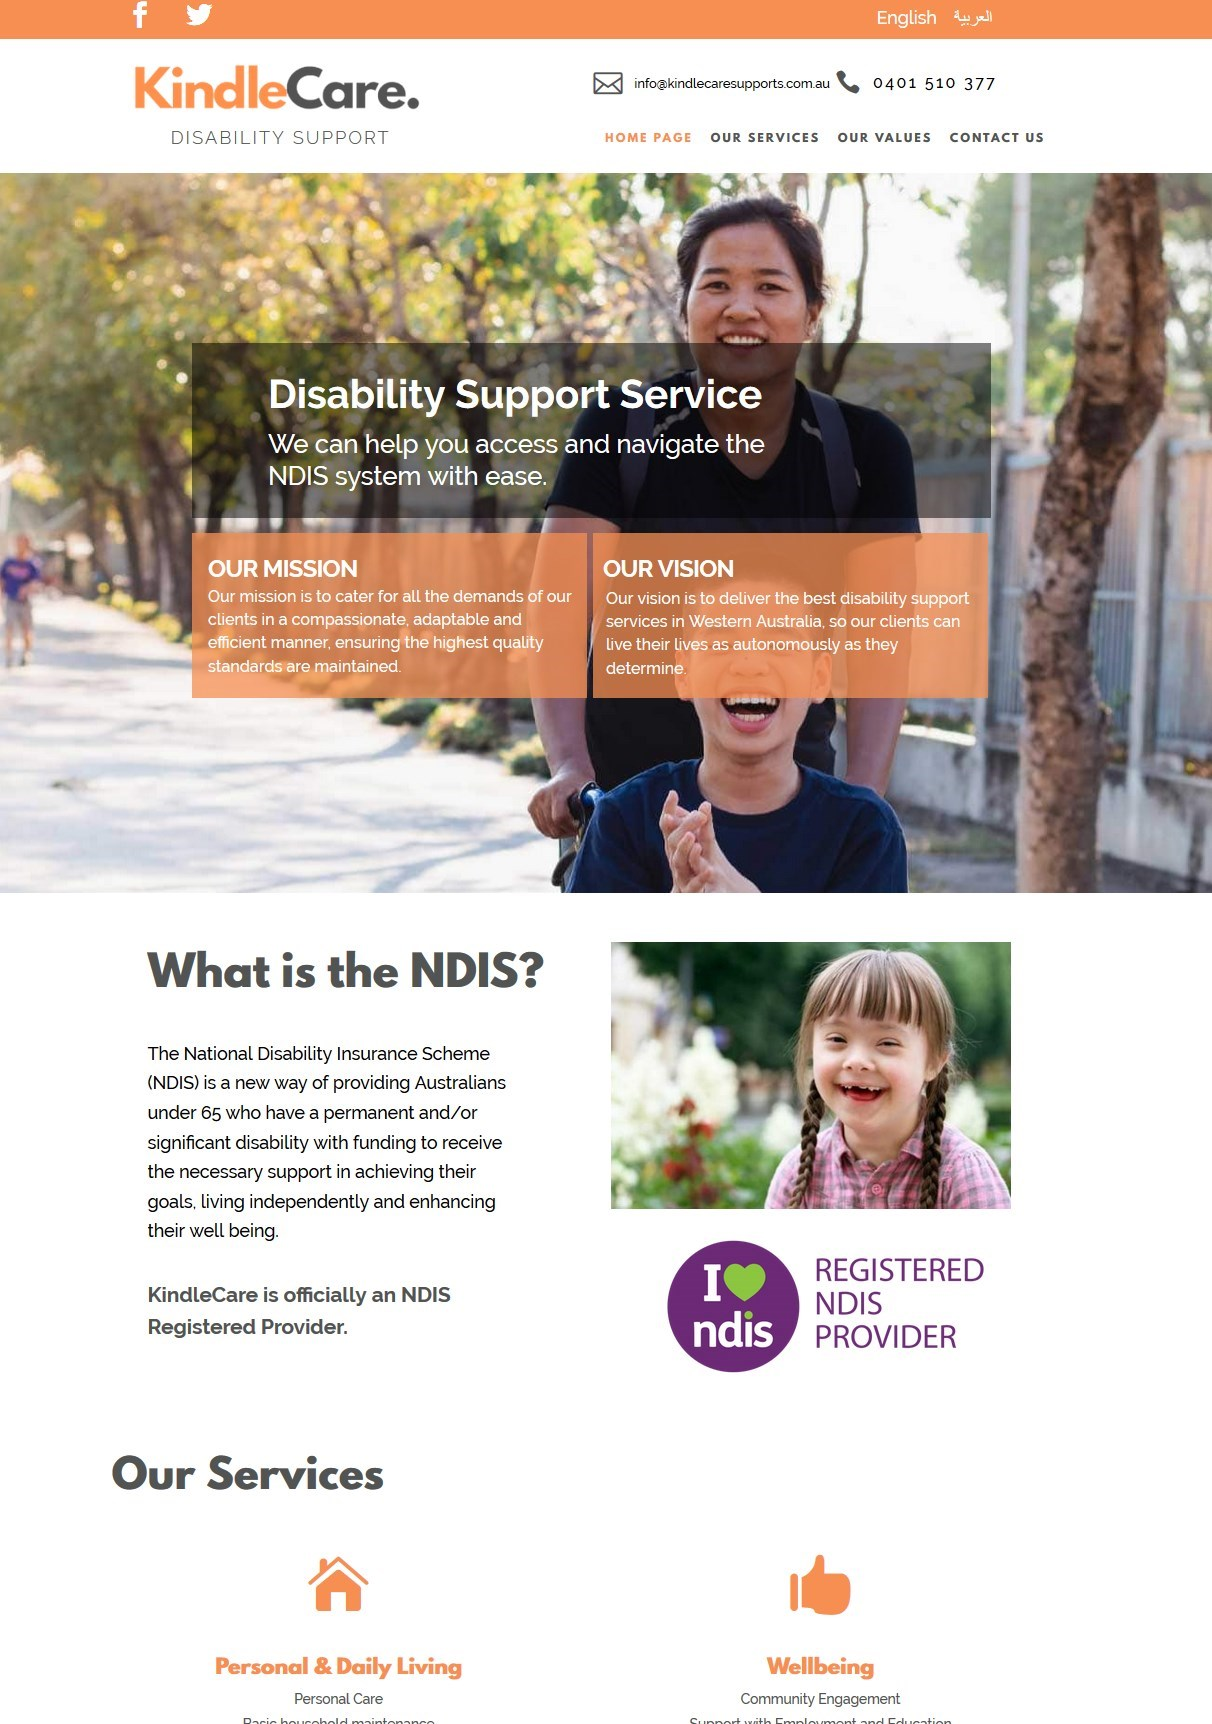 kindlecare webdesign project - Design